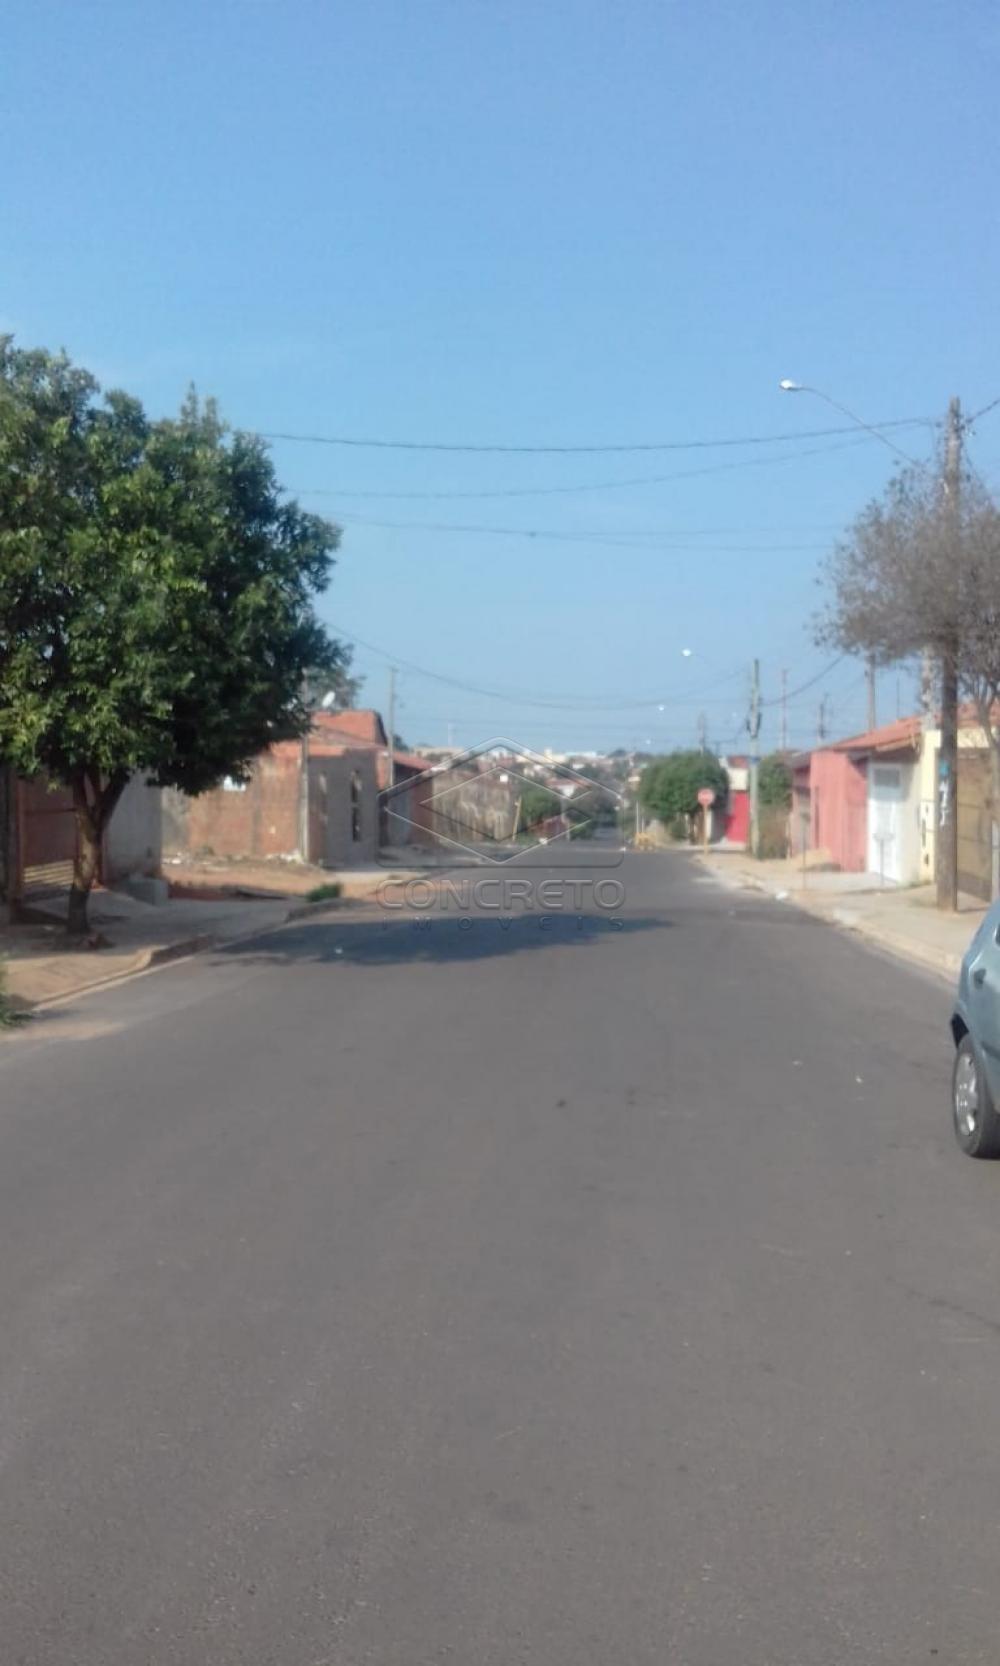 Comprar Casa / Padrão em Bauru apenas R$ 200.000,00 - Foto 1